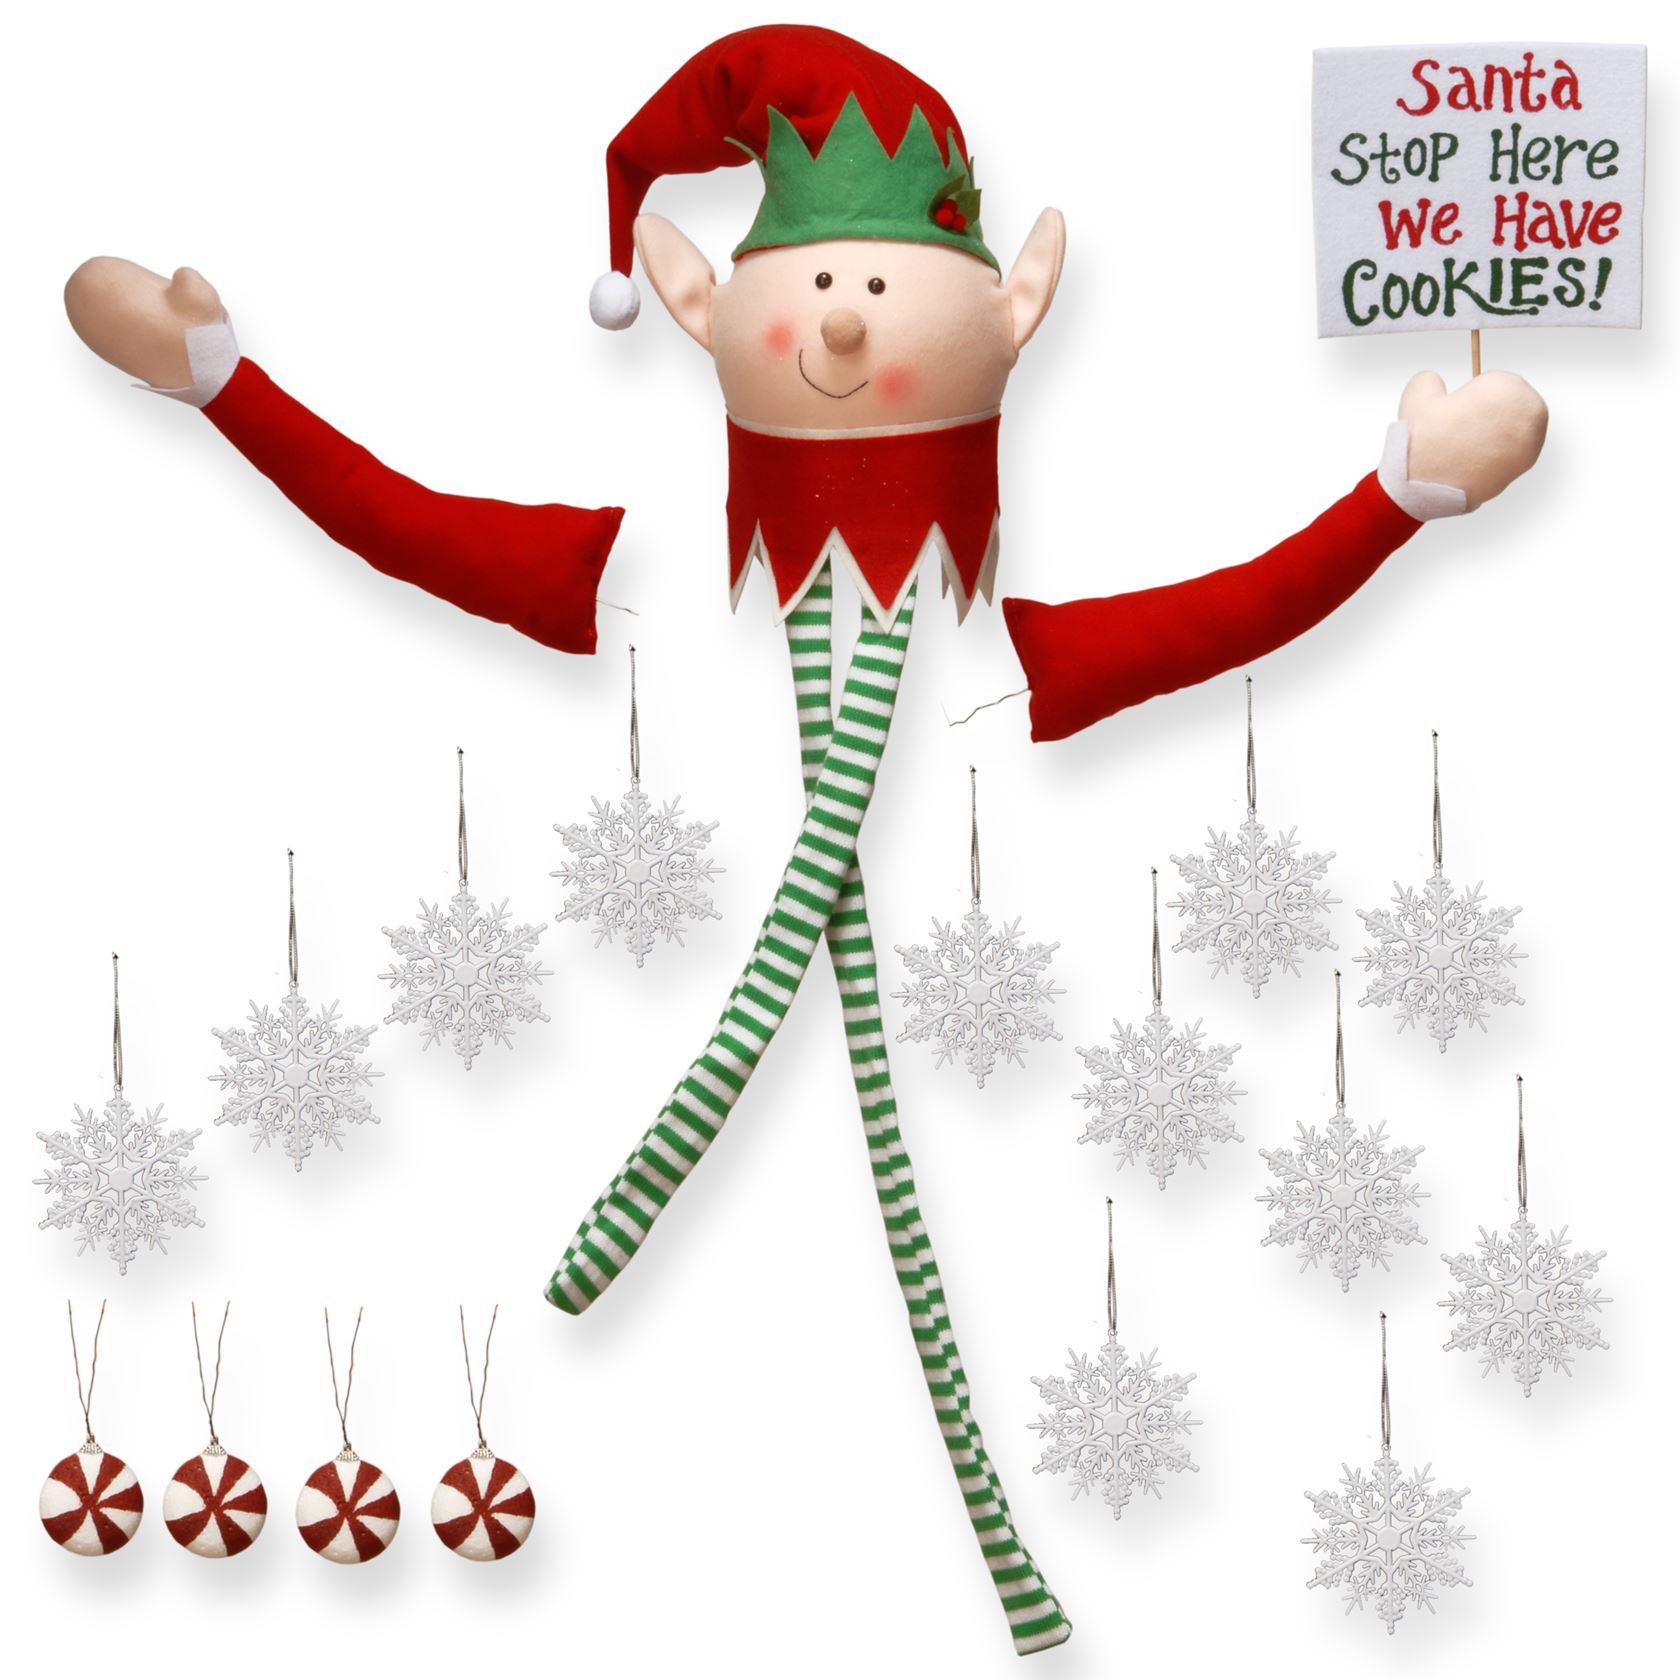 Decoratiekit kunstkerstboom kerstman elf (19 onderdelen)